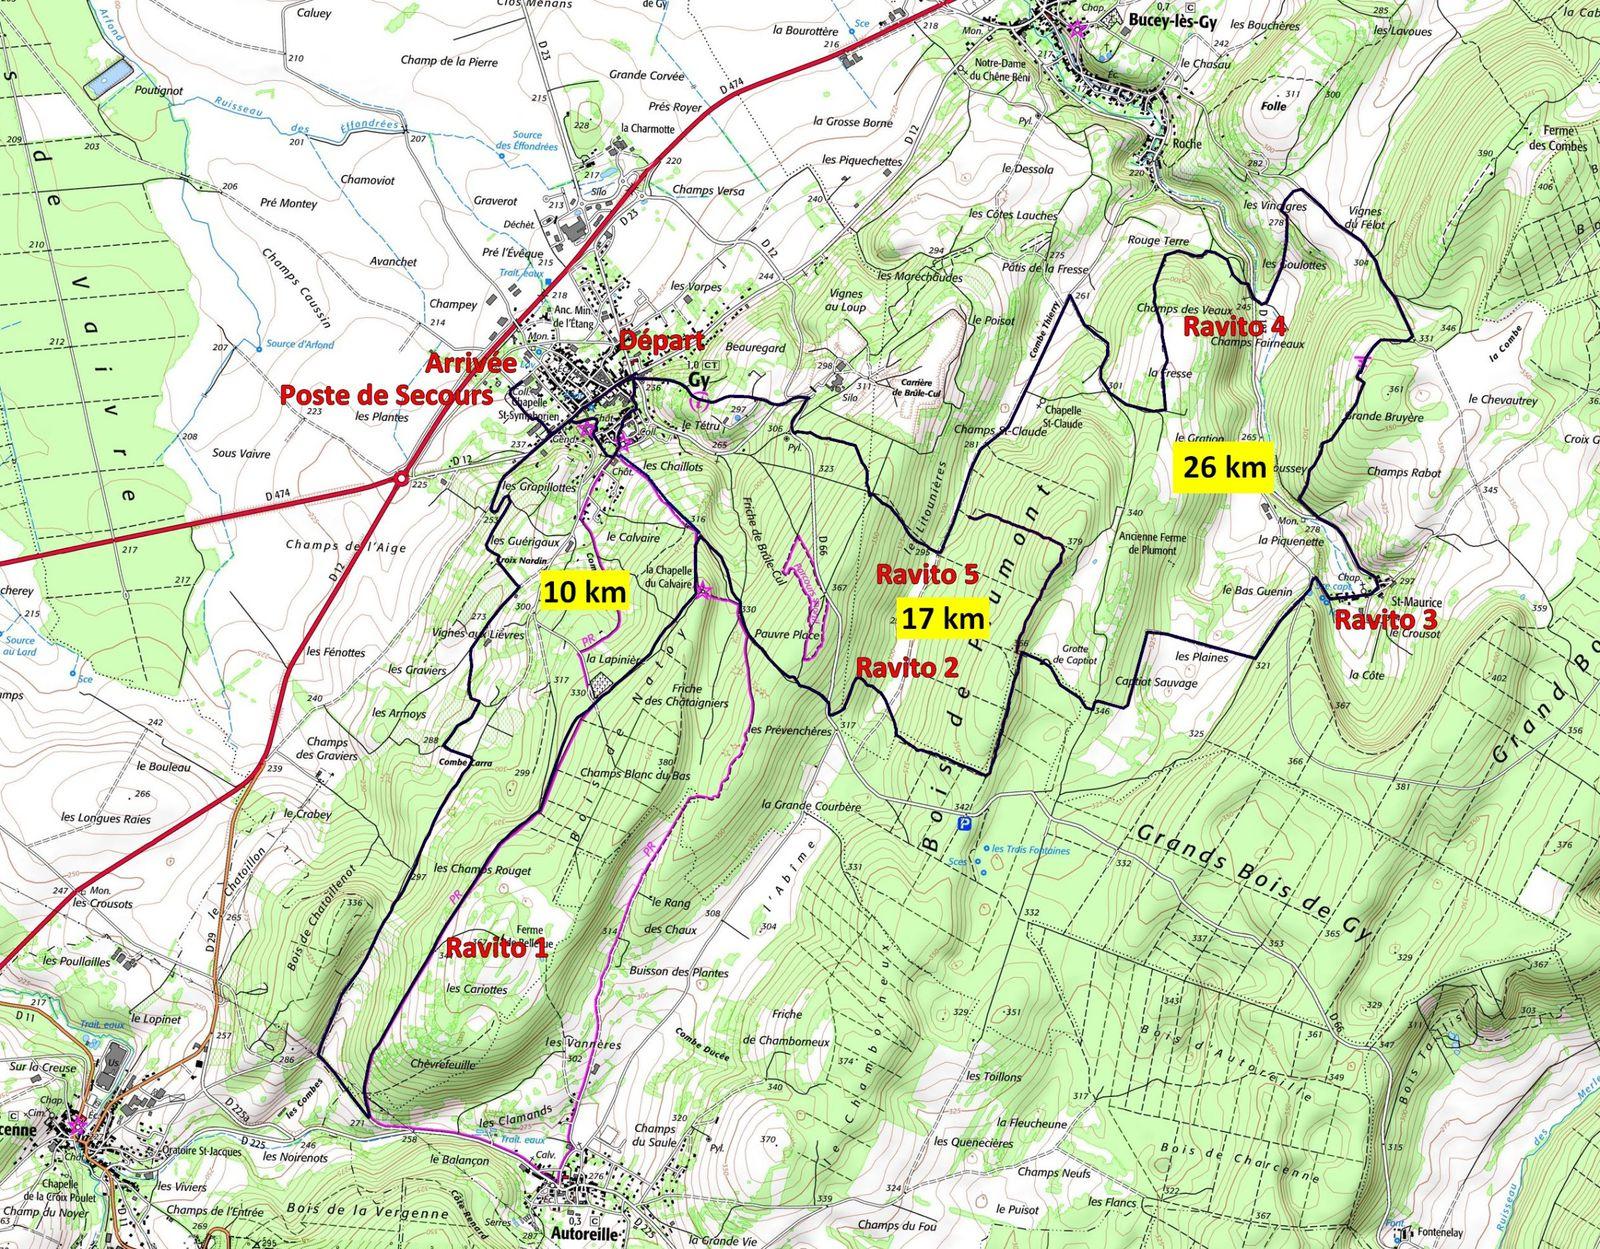 parcours trail des Monts de Gy 2014 - source Geoportail IGN -